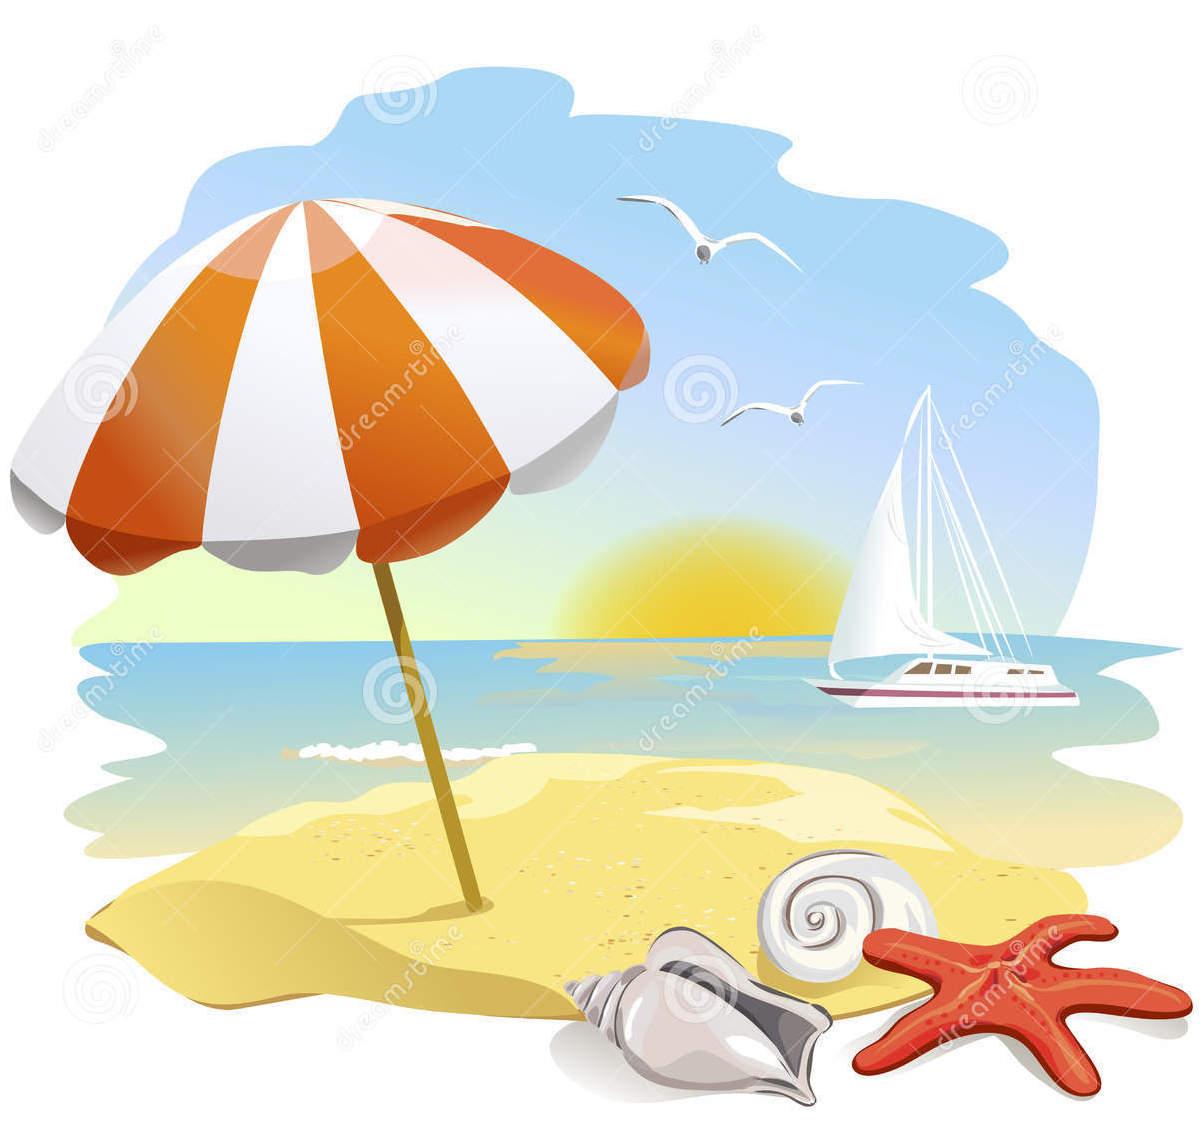 Possibilità di richiedere ombrellone da spiaggia. • Possibility to rent beach umbrella.